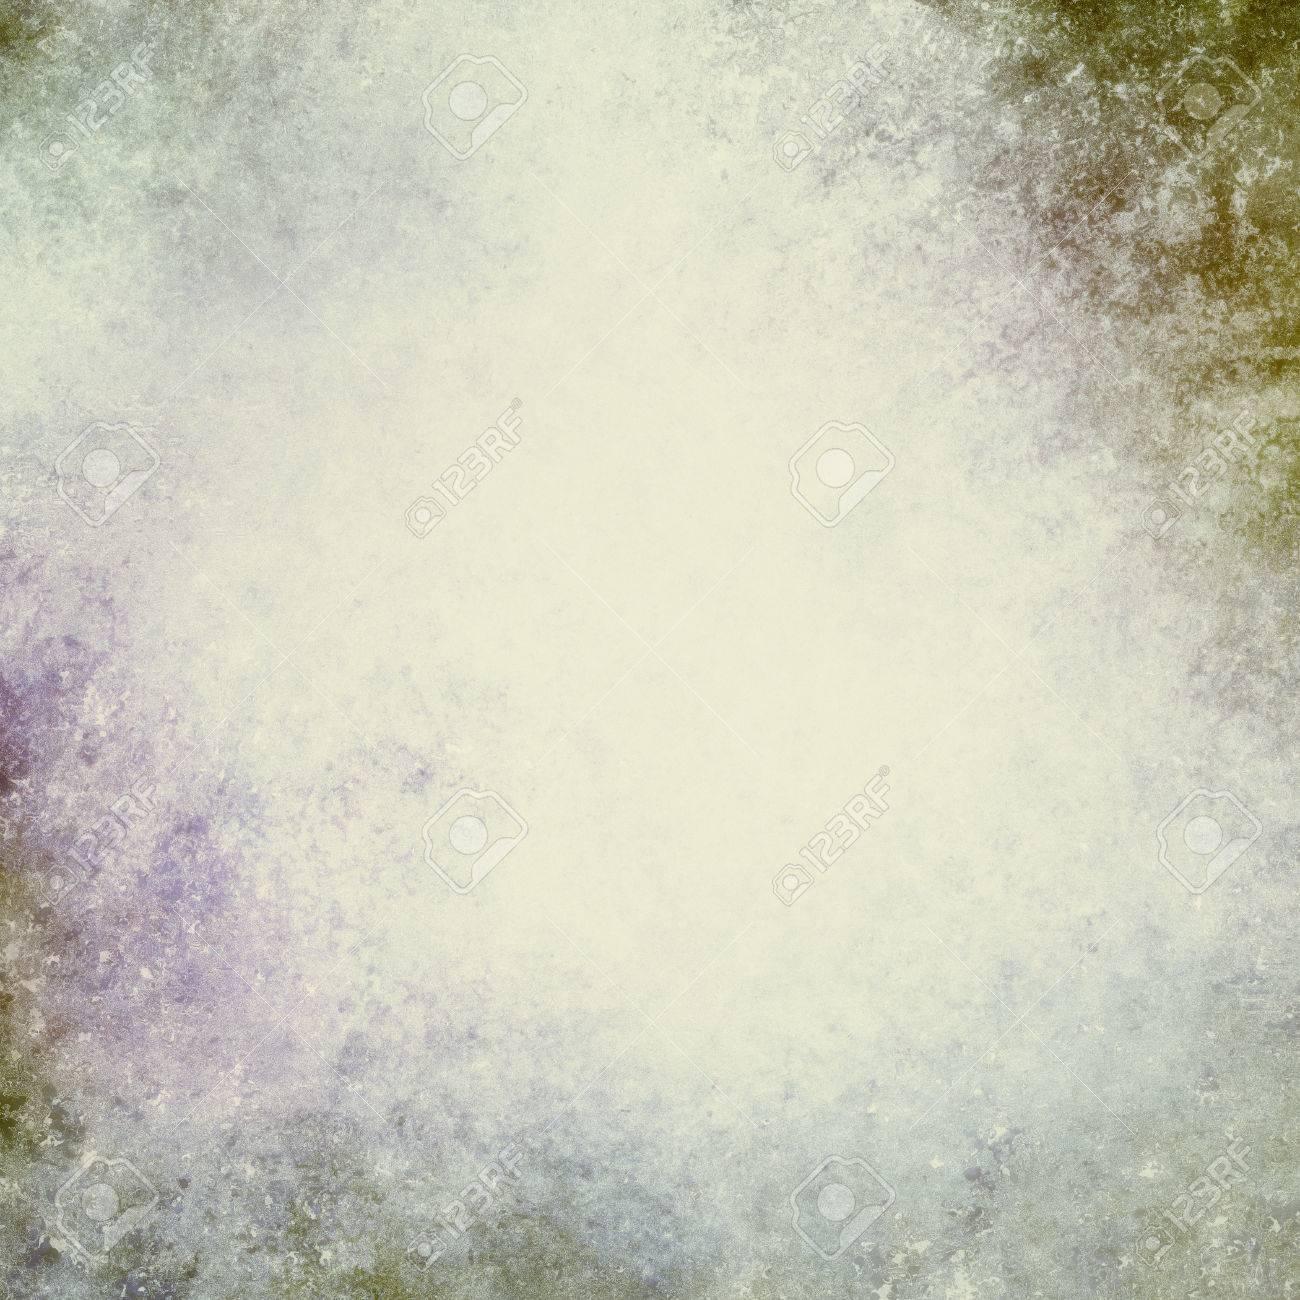 Weinlese Beunruhigte Blau Grun Lila Und Weg Weissen Hintergrund